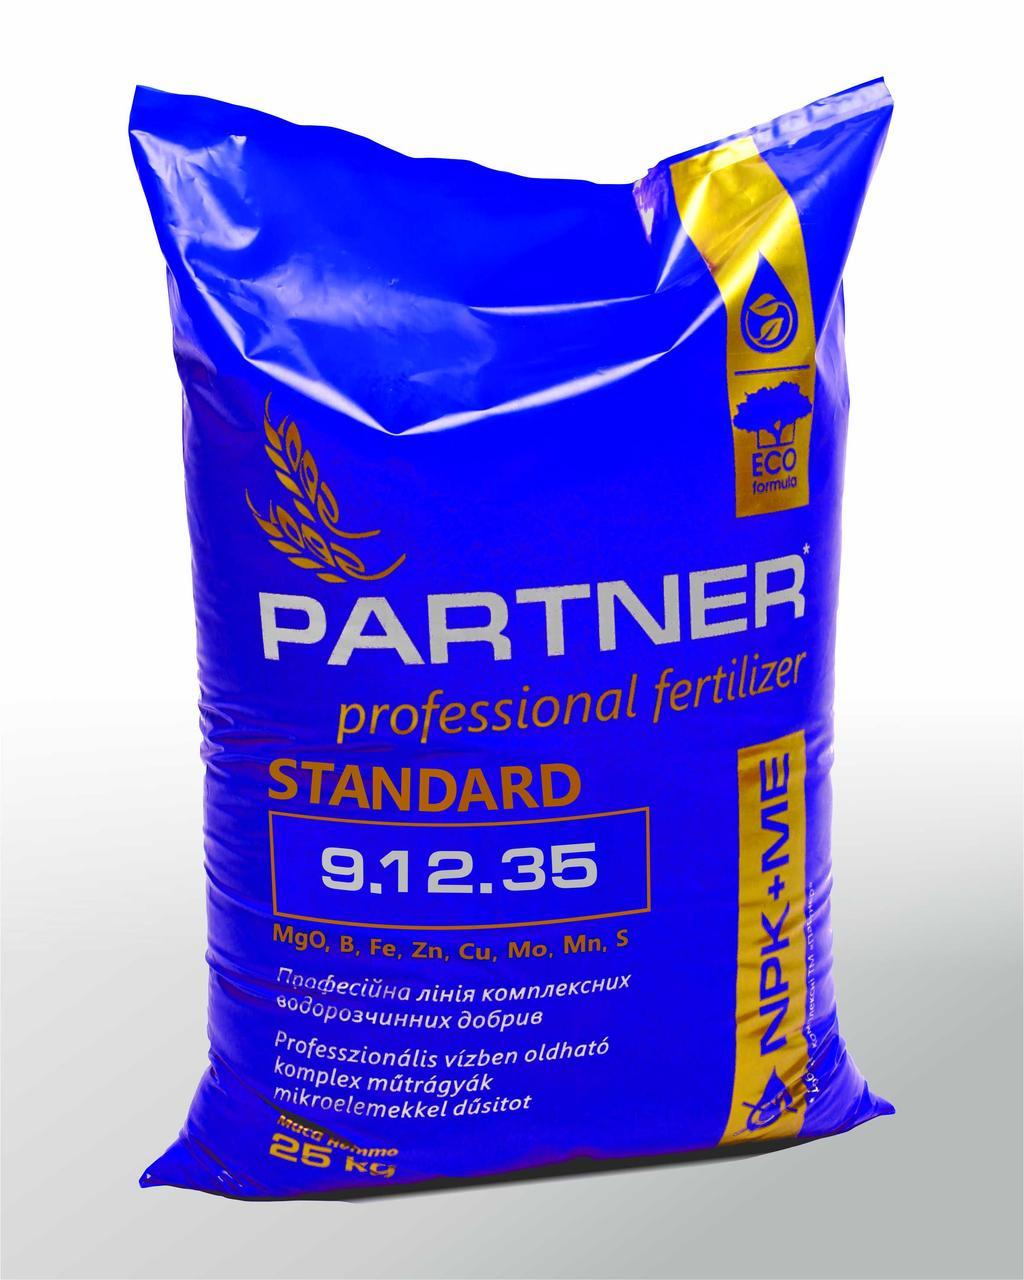 Комплексное удобрение Партнер / Partner стандарт (NPK 9.12.35 + ME), 25 кг